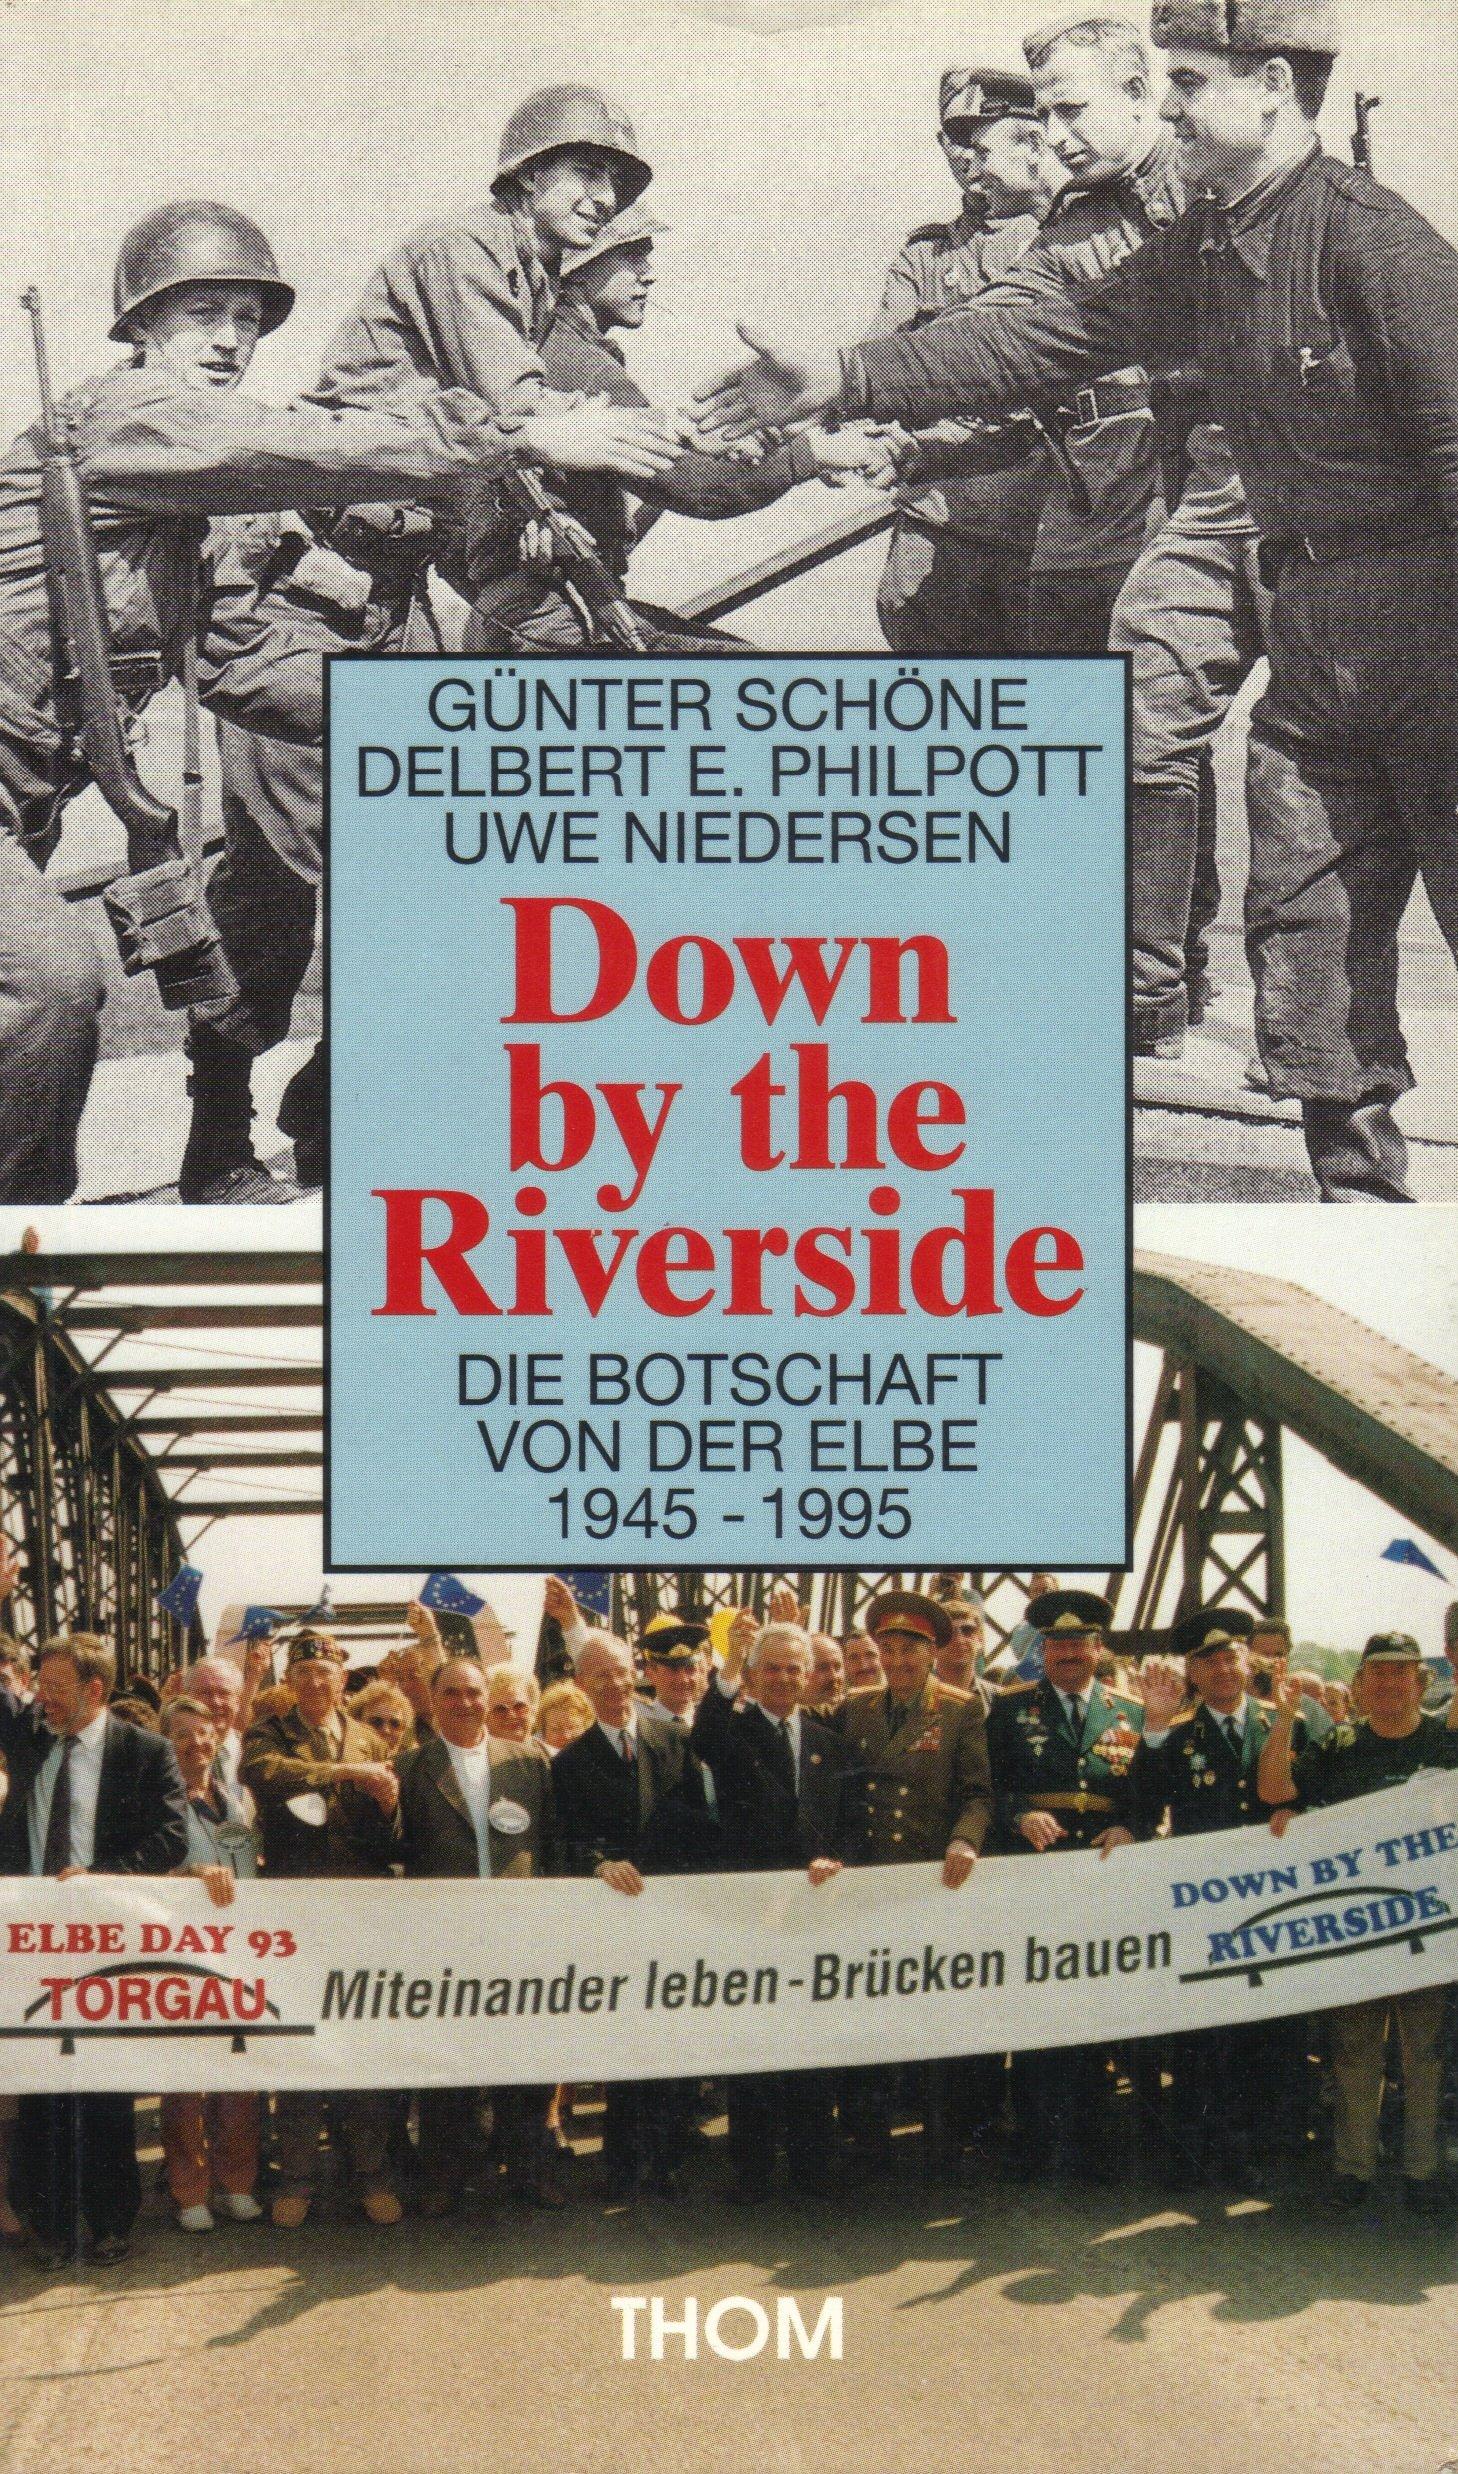 Down by the Riverside. Die Botschaft von der Elbe 1945-1995